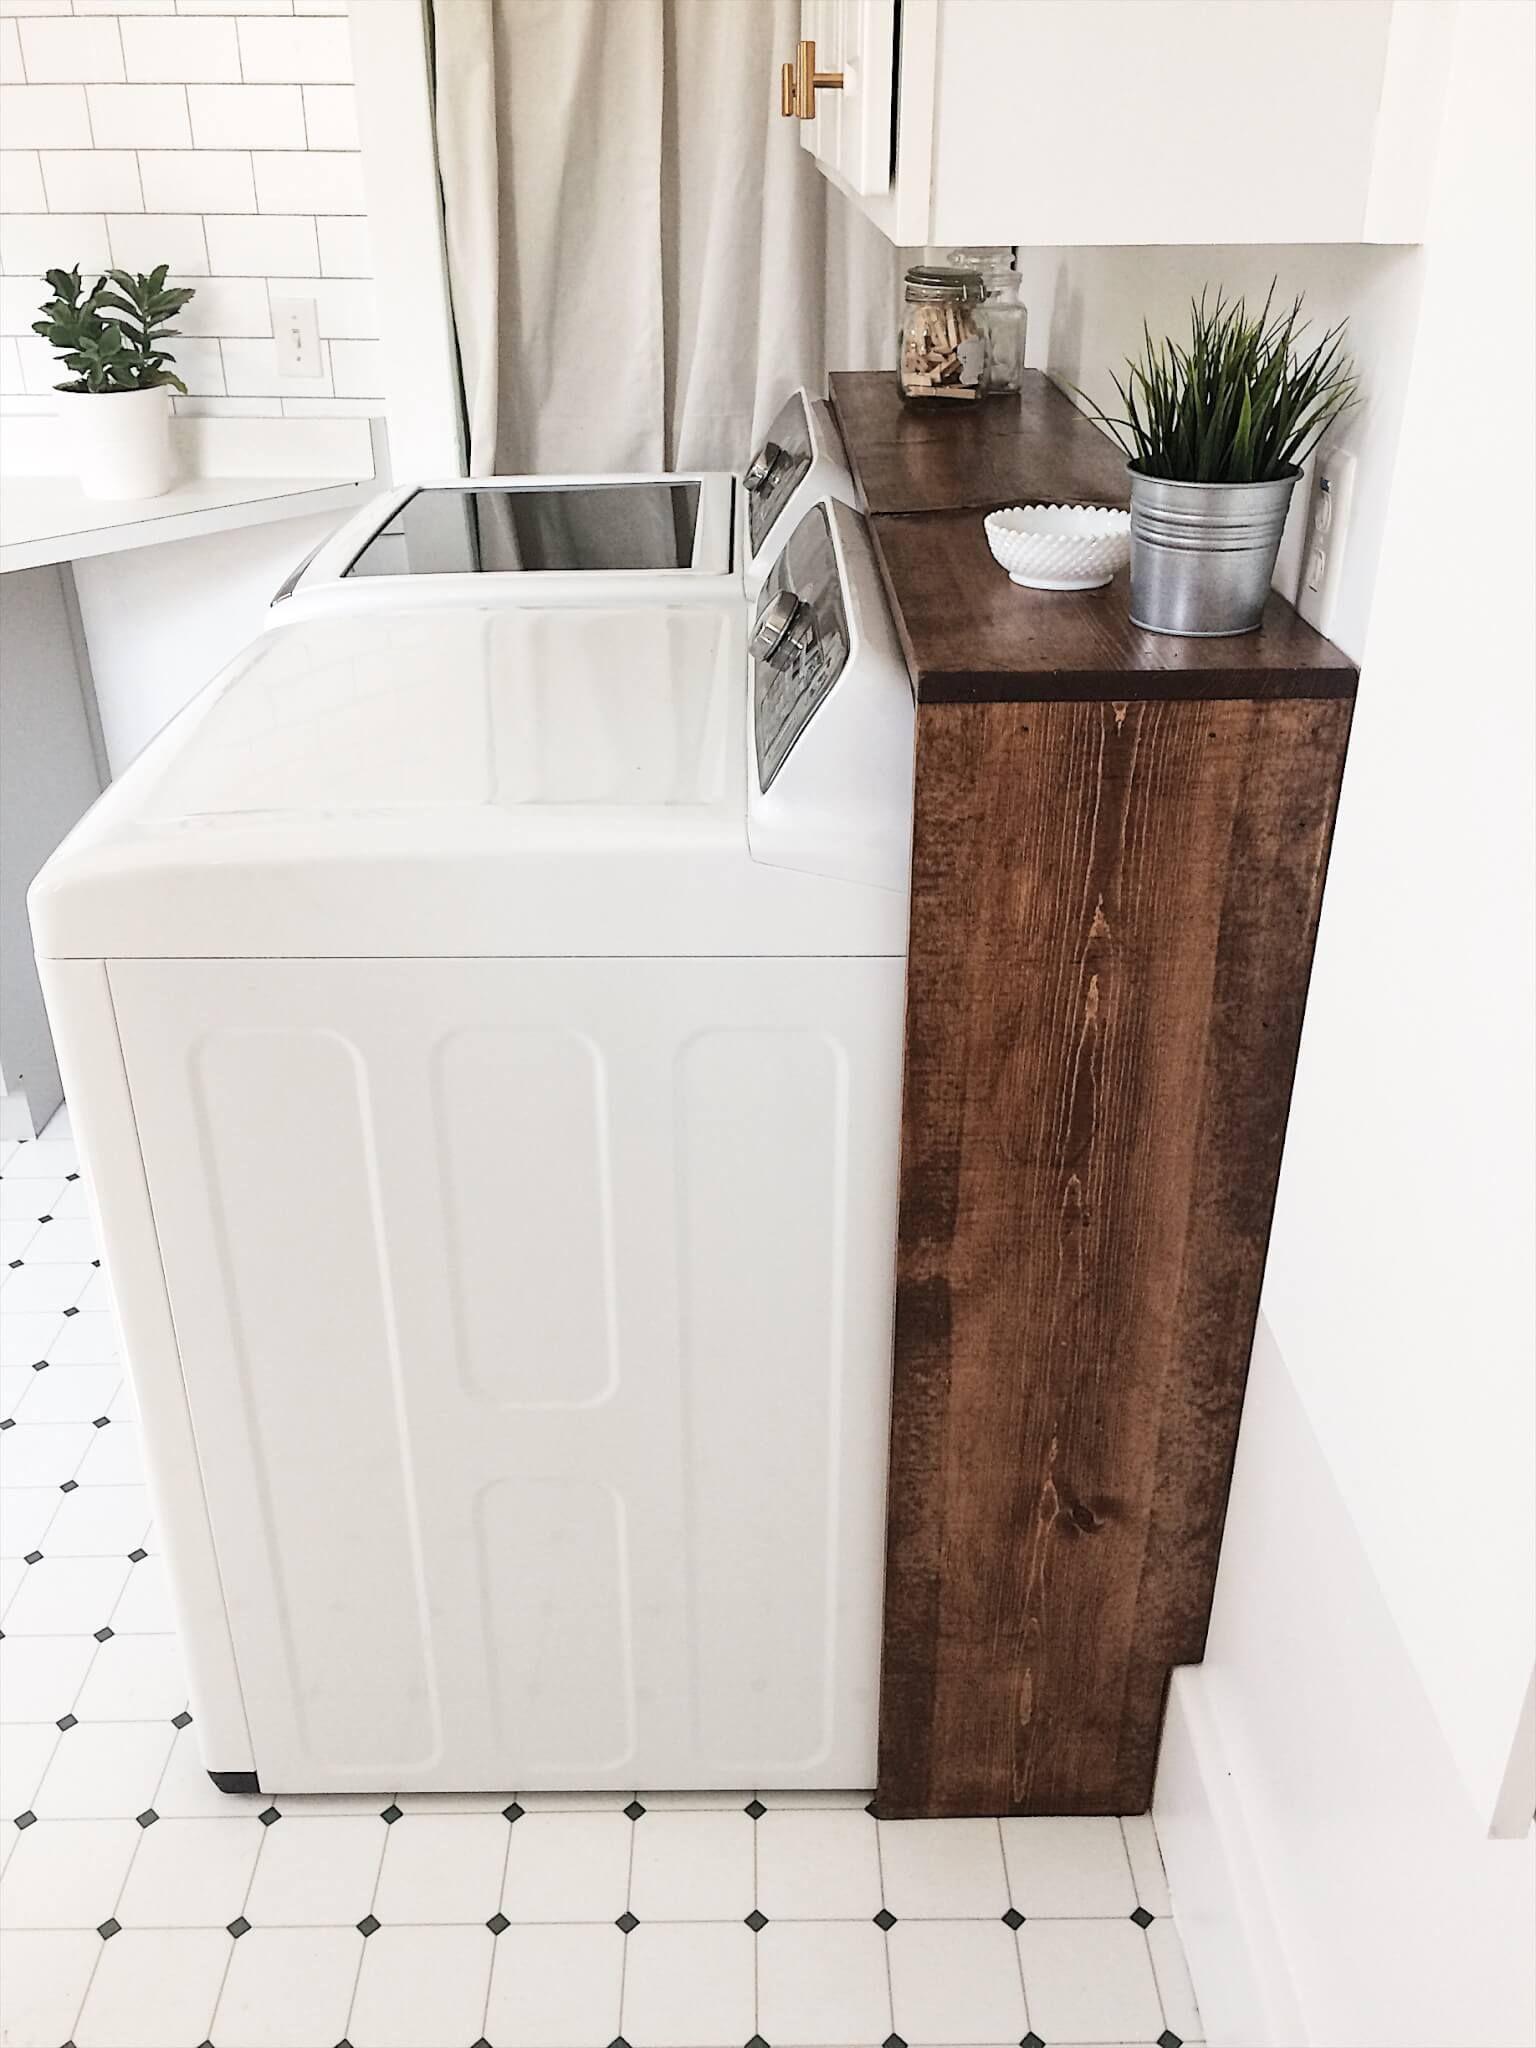 diy shelf ideas for laundry room